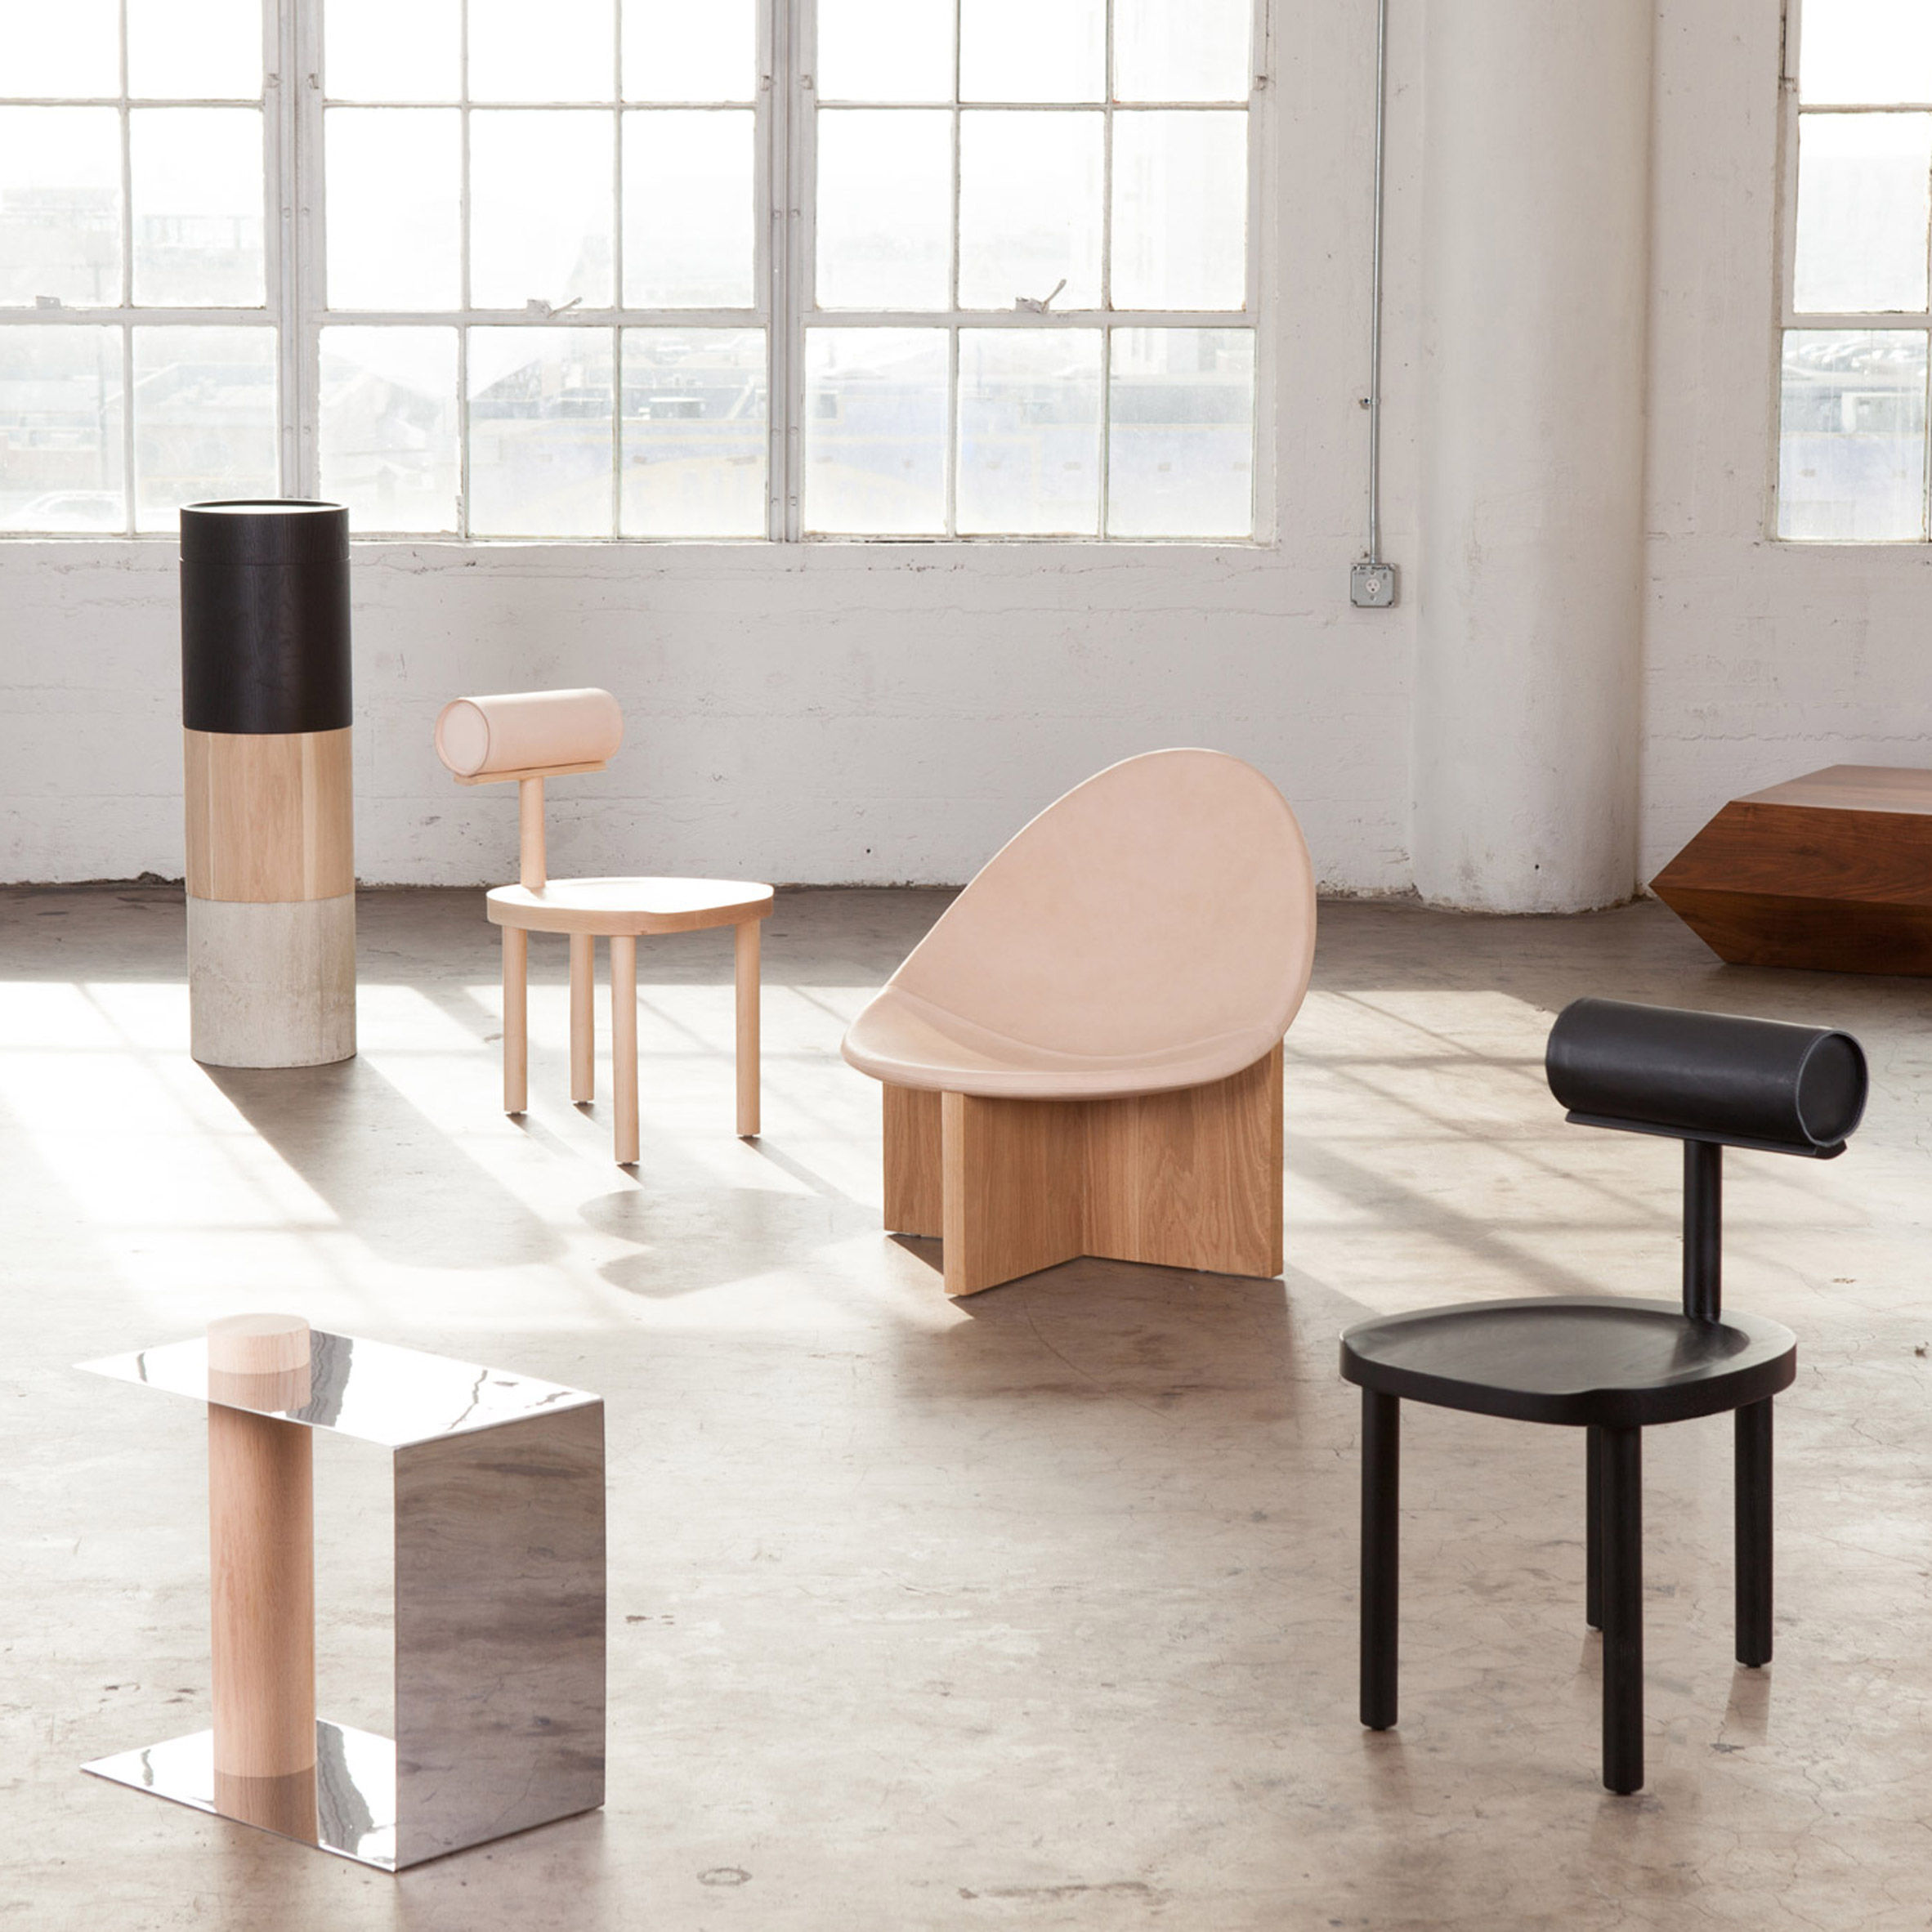 estudio-persona-emiliana-gonzalez-jessie-young-furniture-design-usa_dezeen_2364_sq.jpg